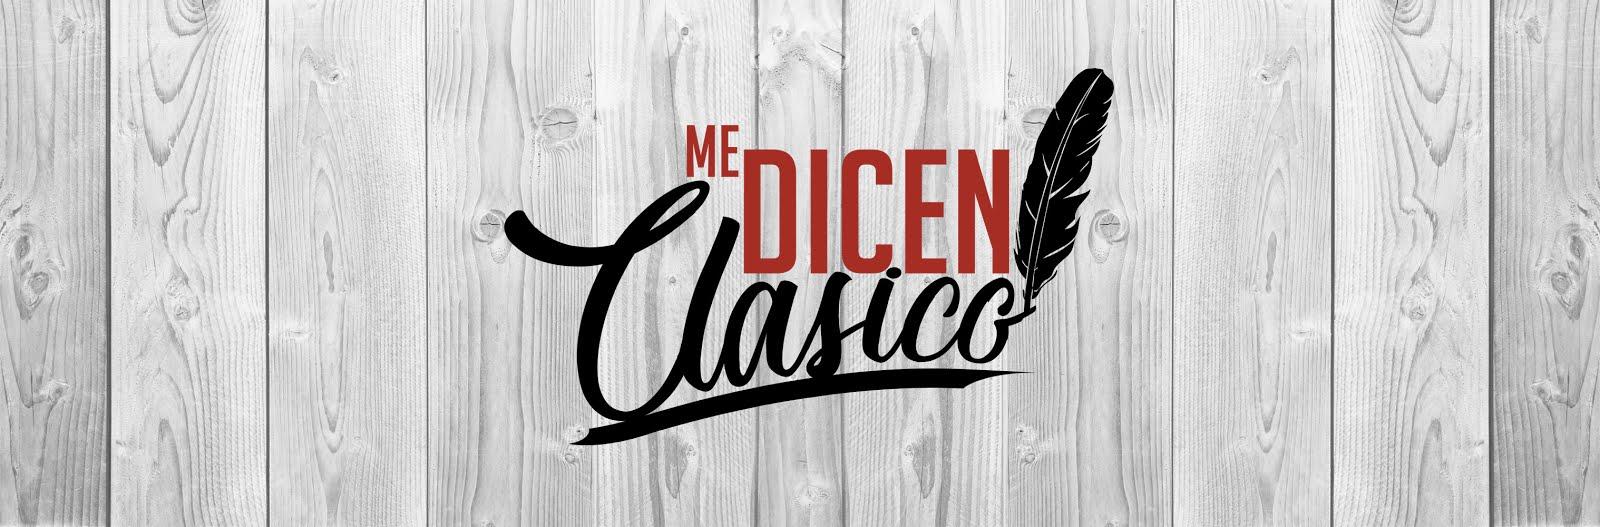 ME DICEN CLÁSICO